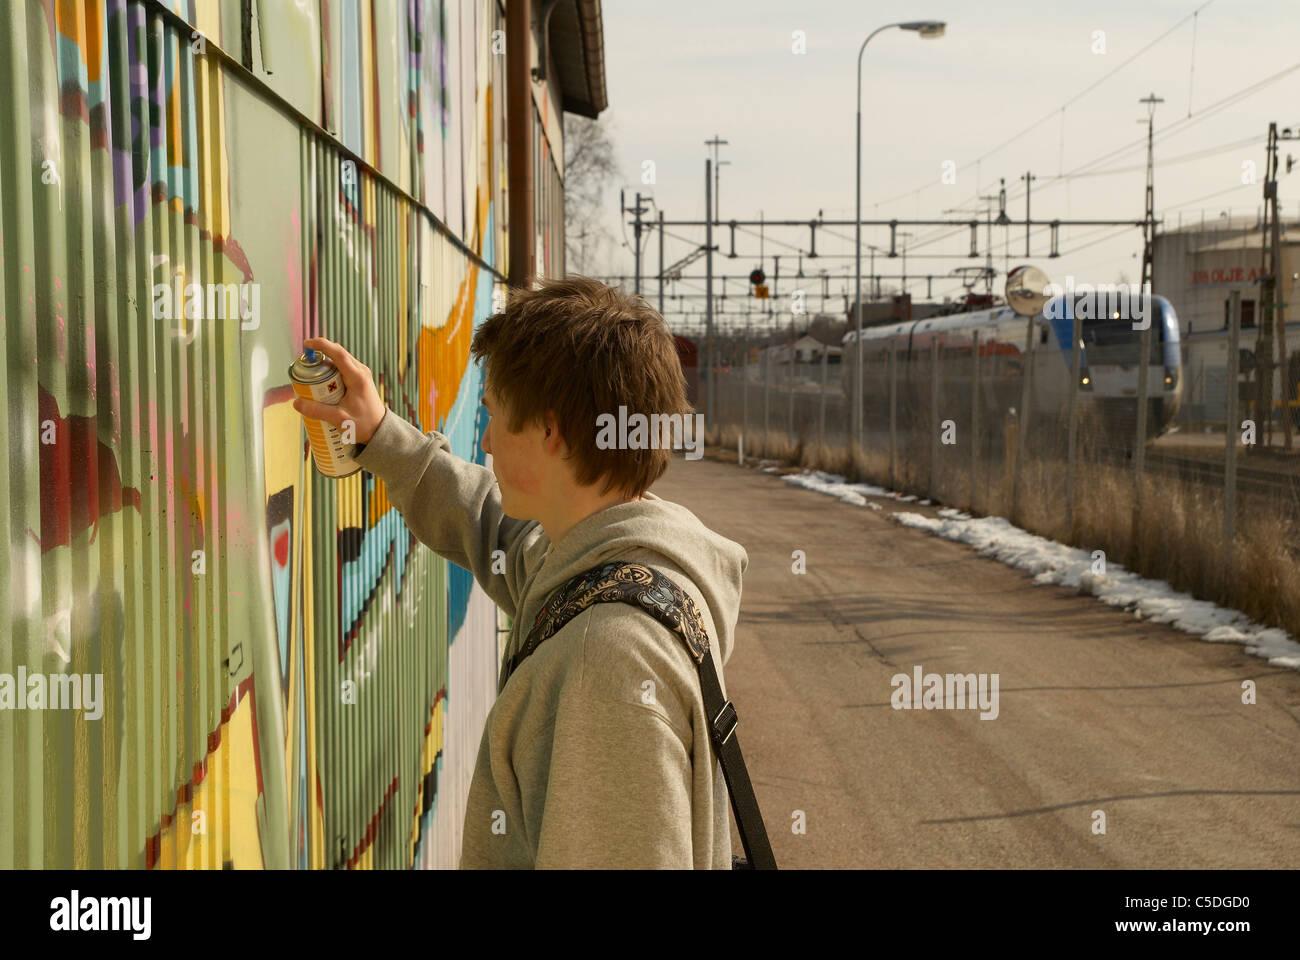 Vue latérale d'un adolescent sur le mur de graffiti de pulvérisation Banque D'Images